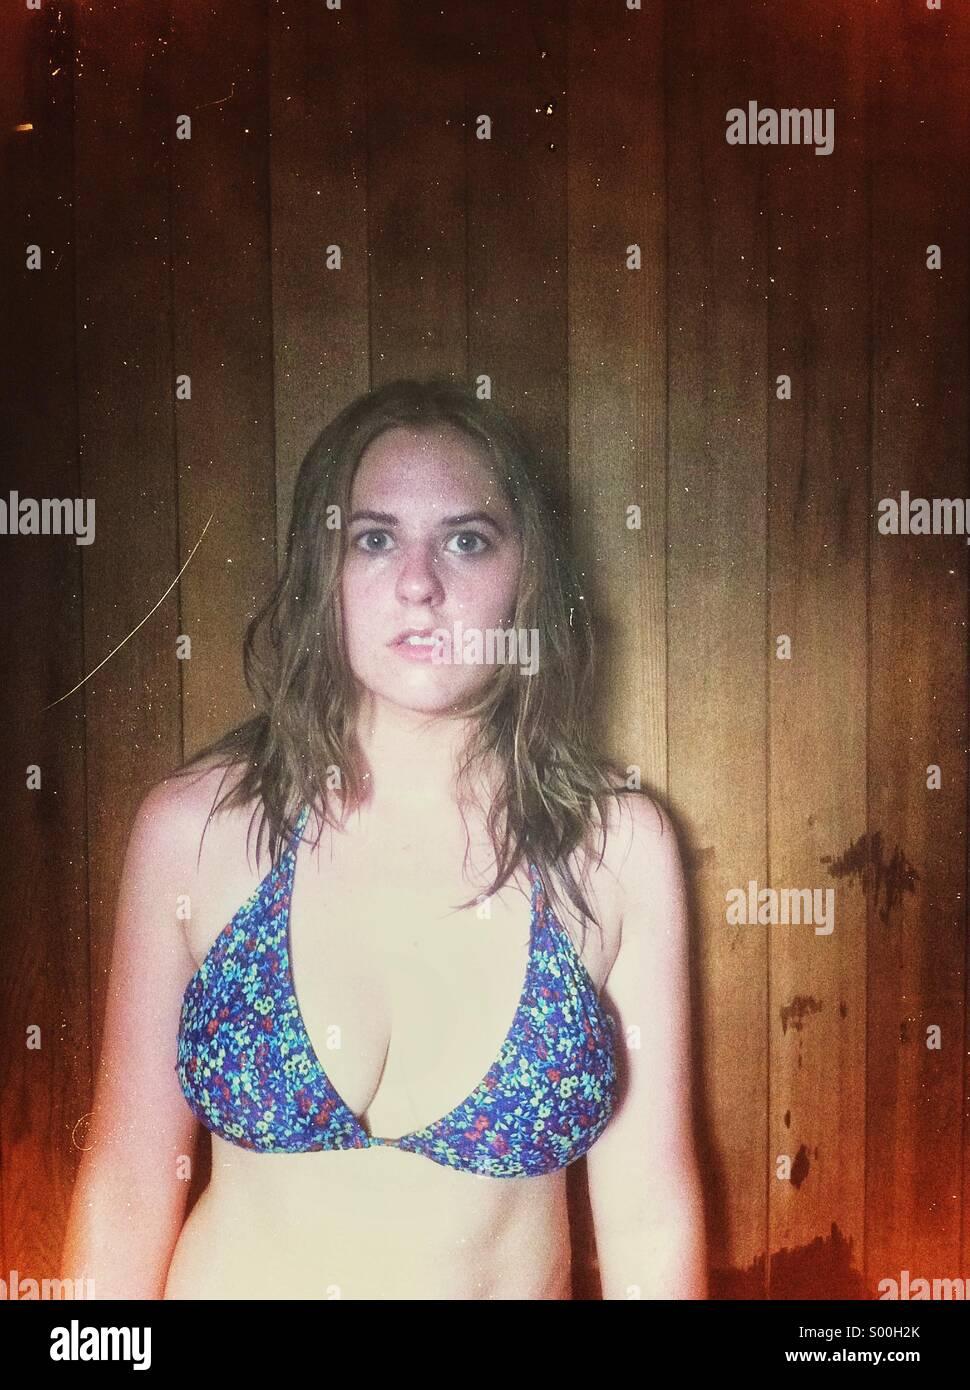 La mujer después de la sesión de sauna Imagen De Stock